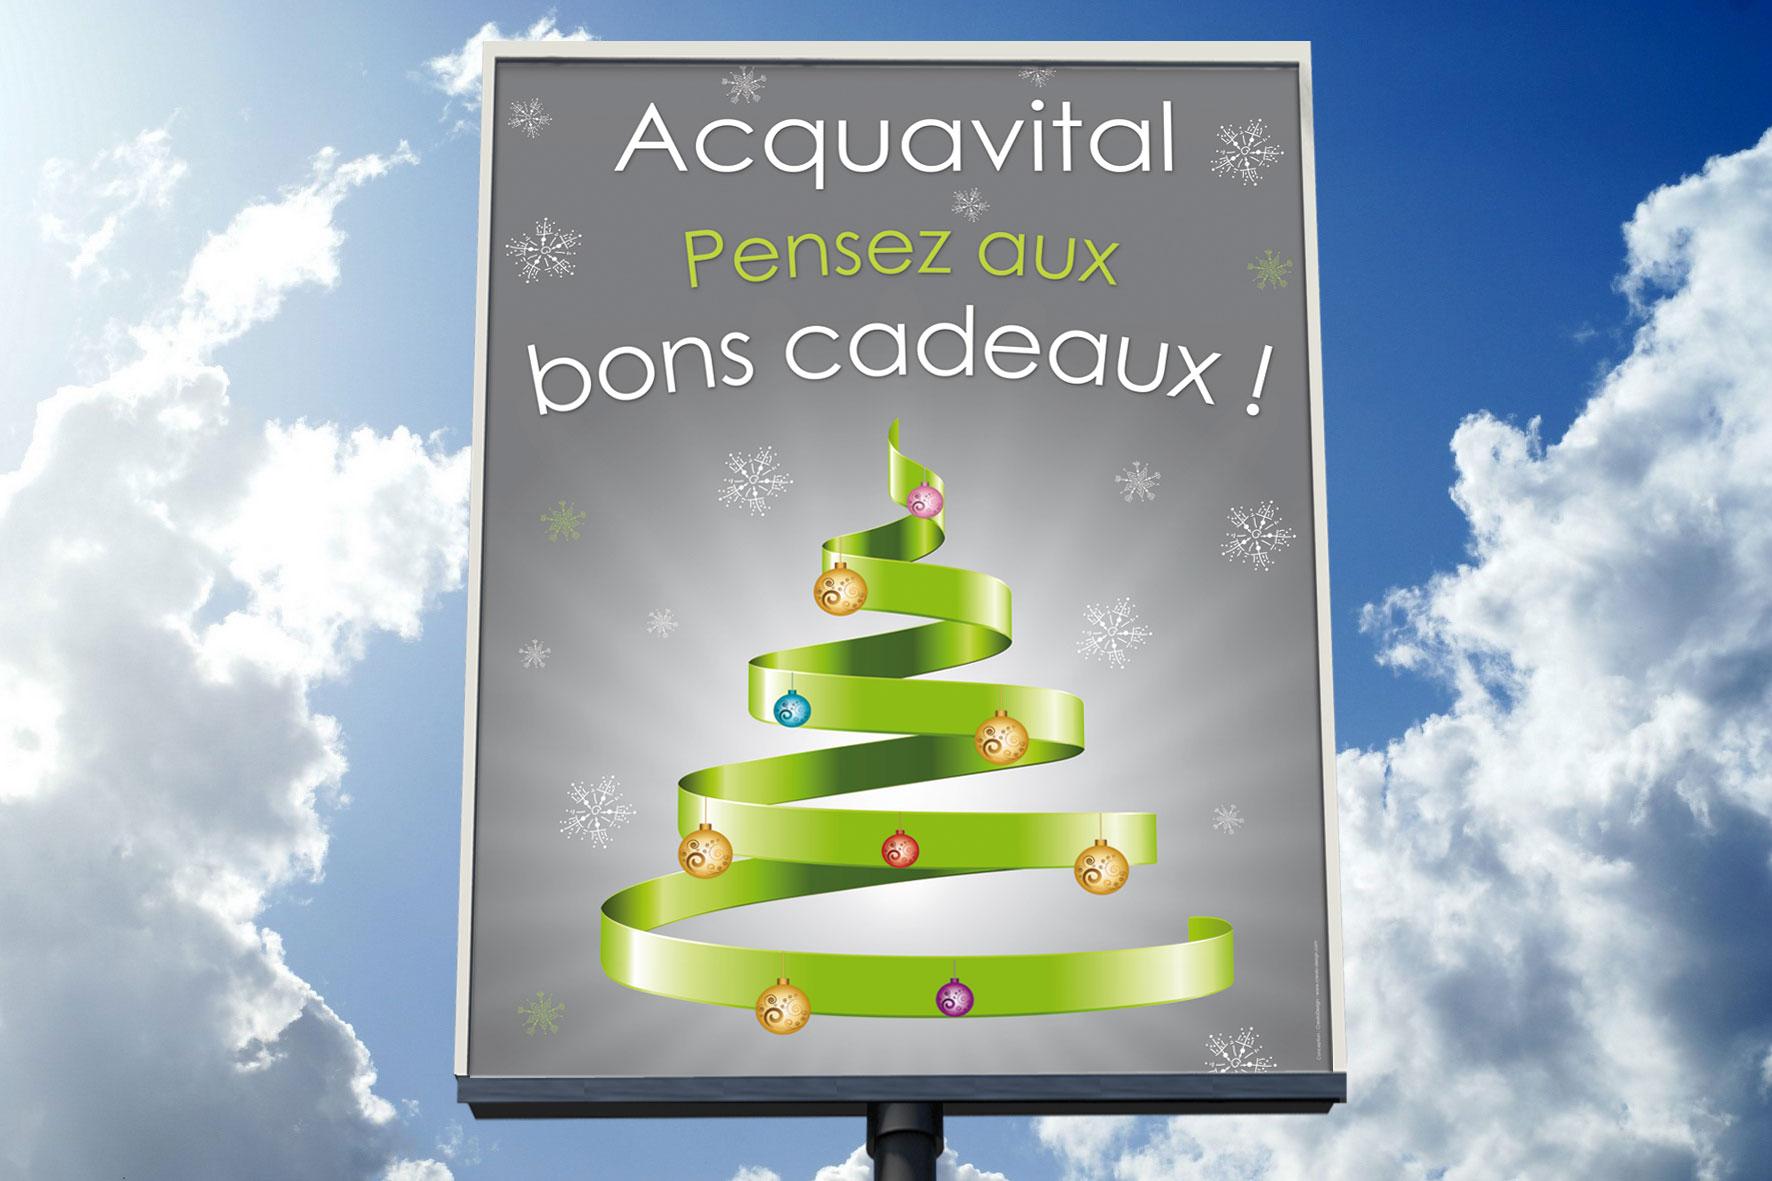 Centre Acquavital